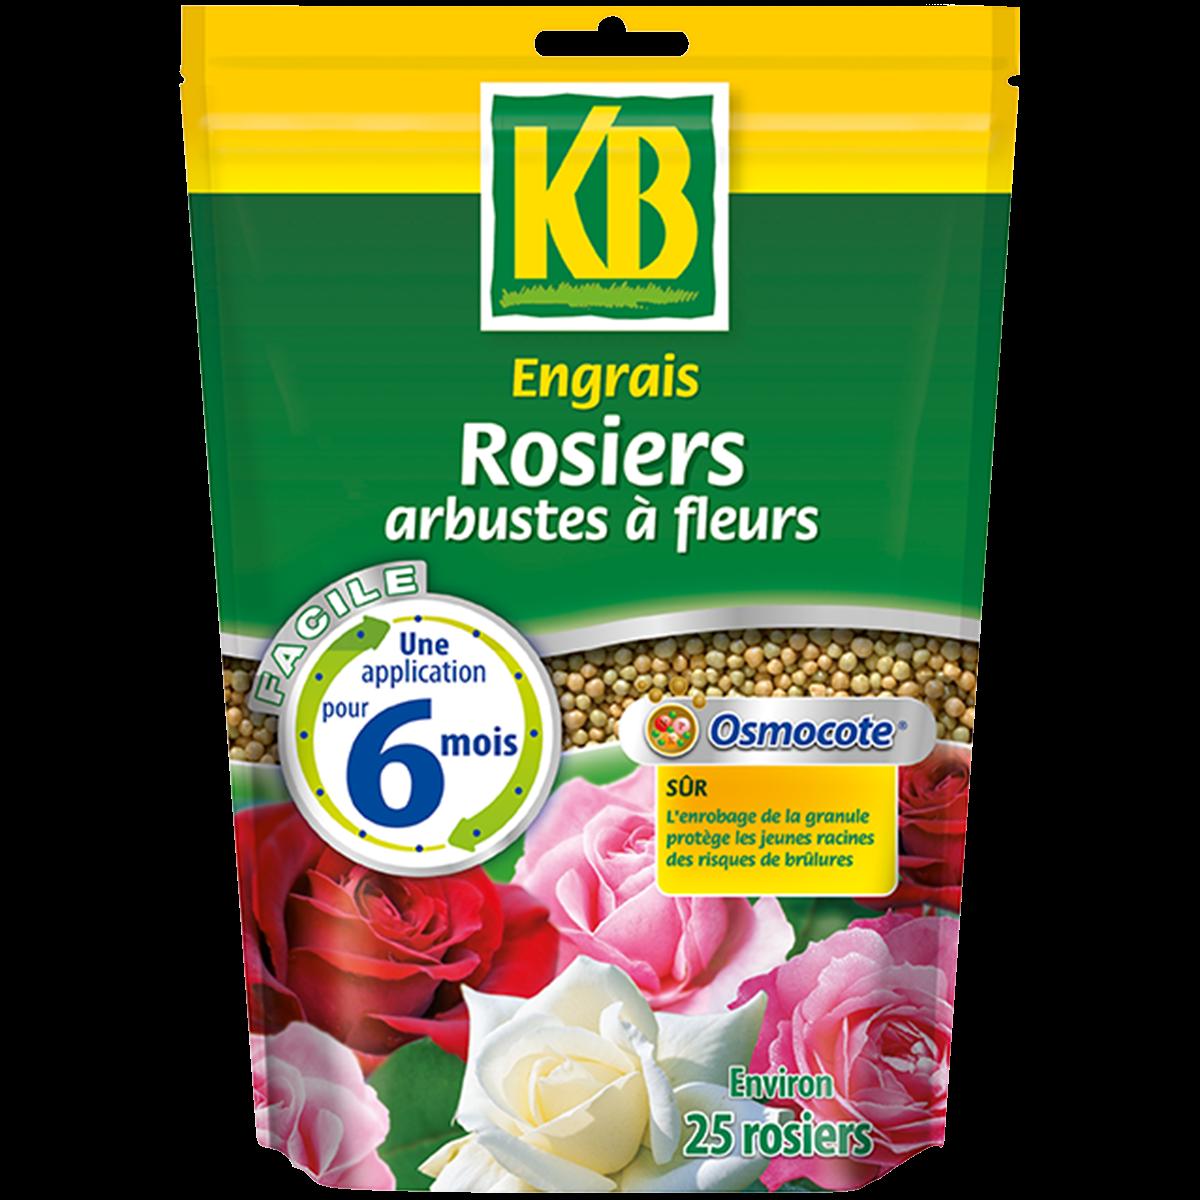 Promesse de roses quel engrais rosiers choisir - Engrais pour laurier rose ...